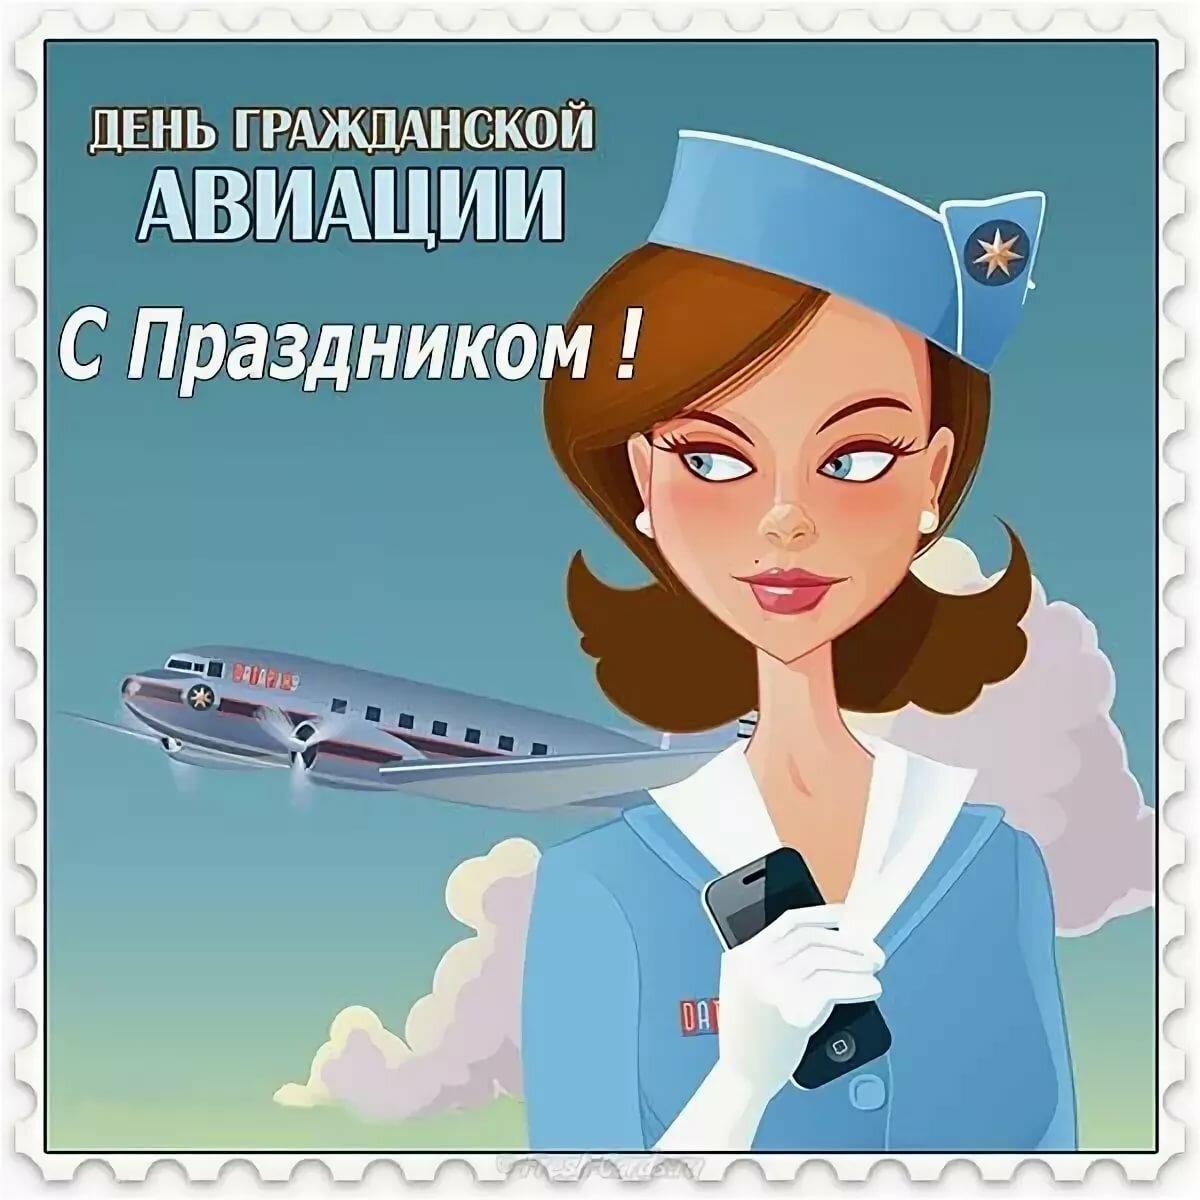 С днем гражданской авиации картинки красивые 9 февраля, картинки про стирку